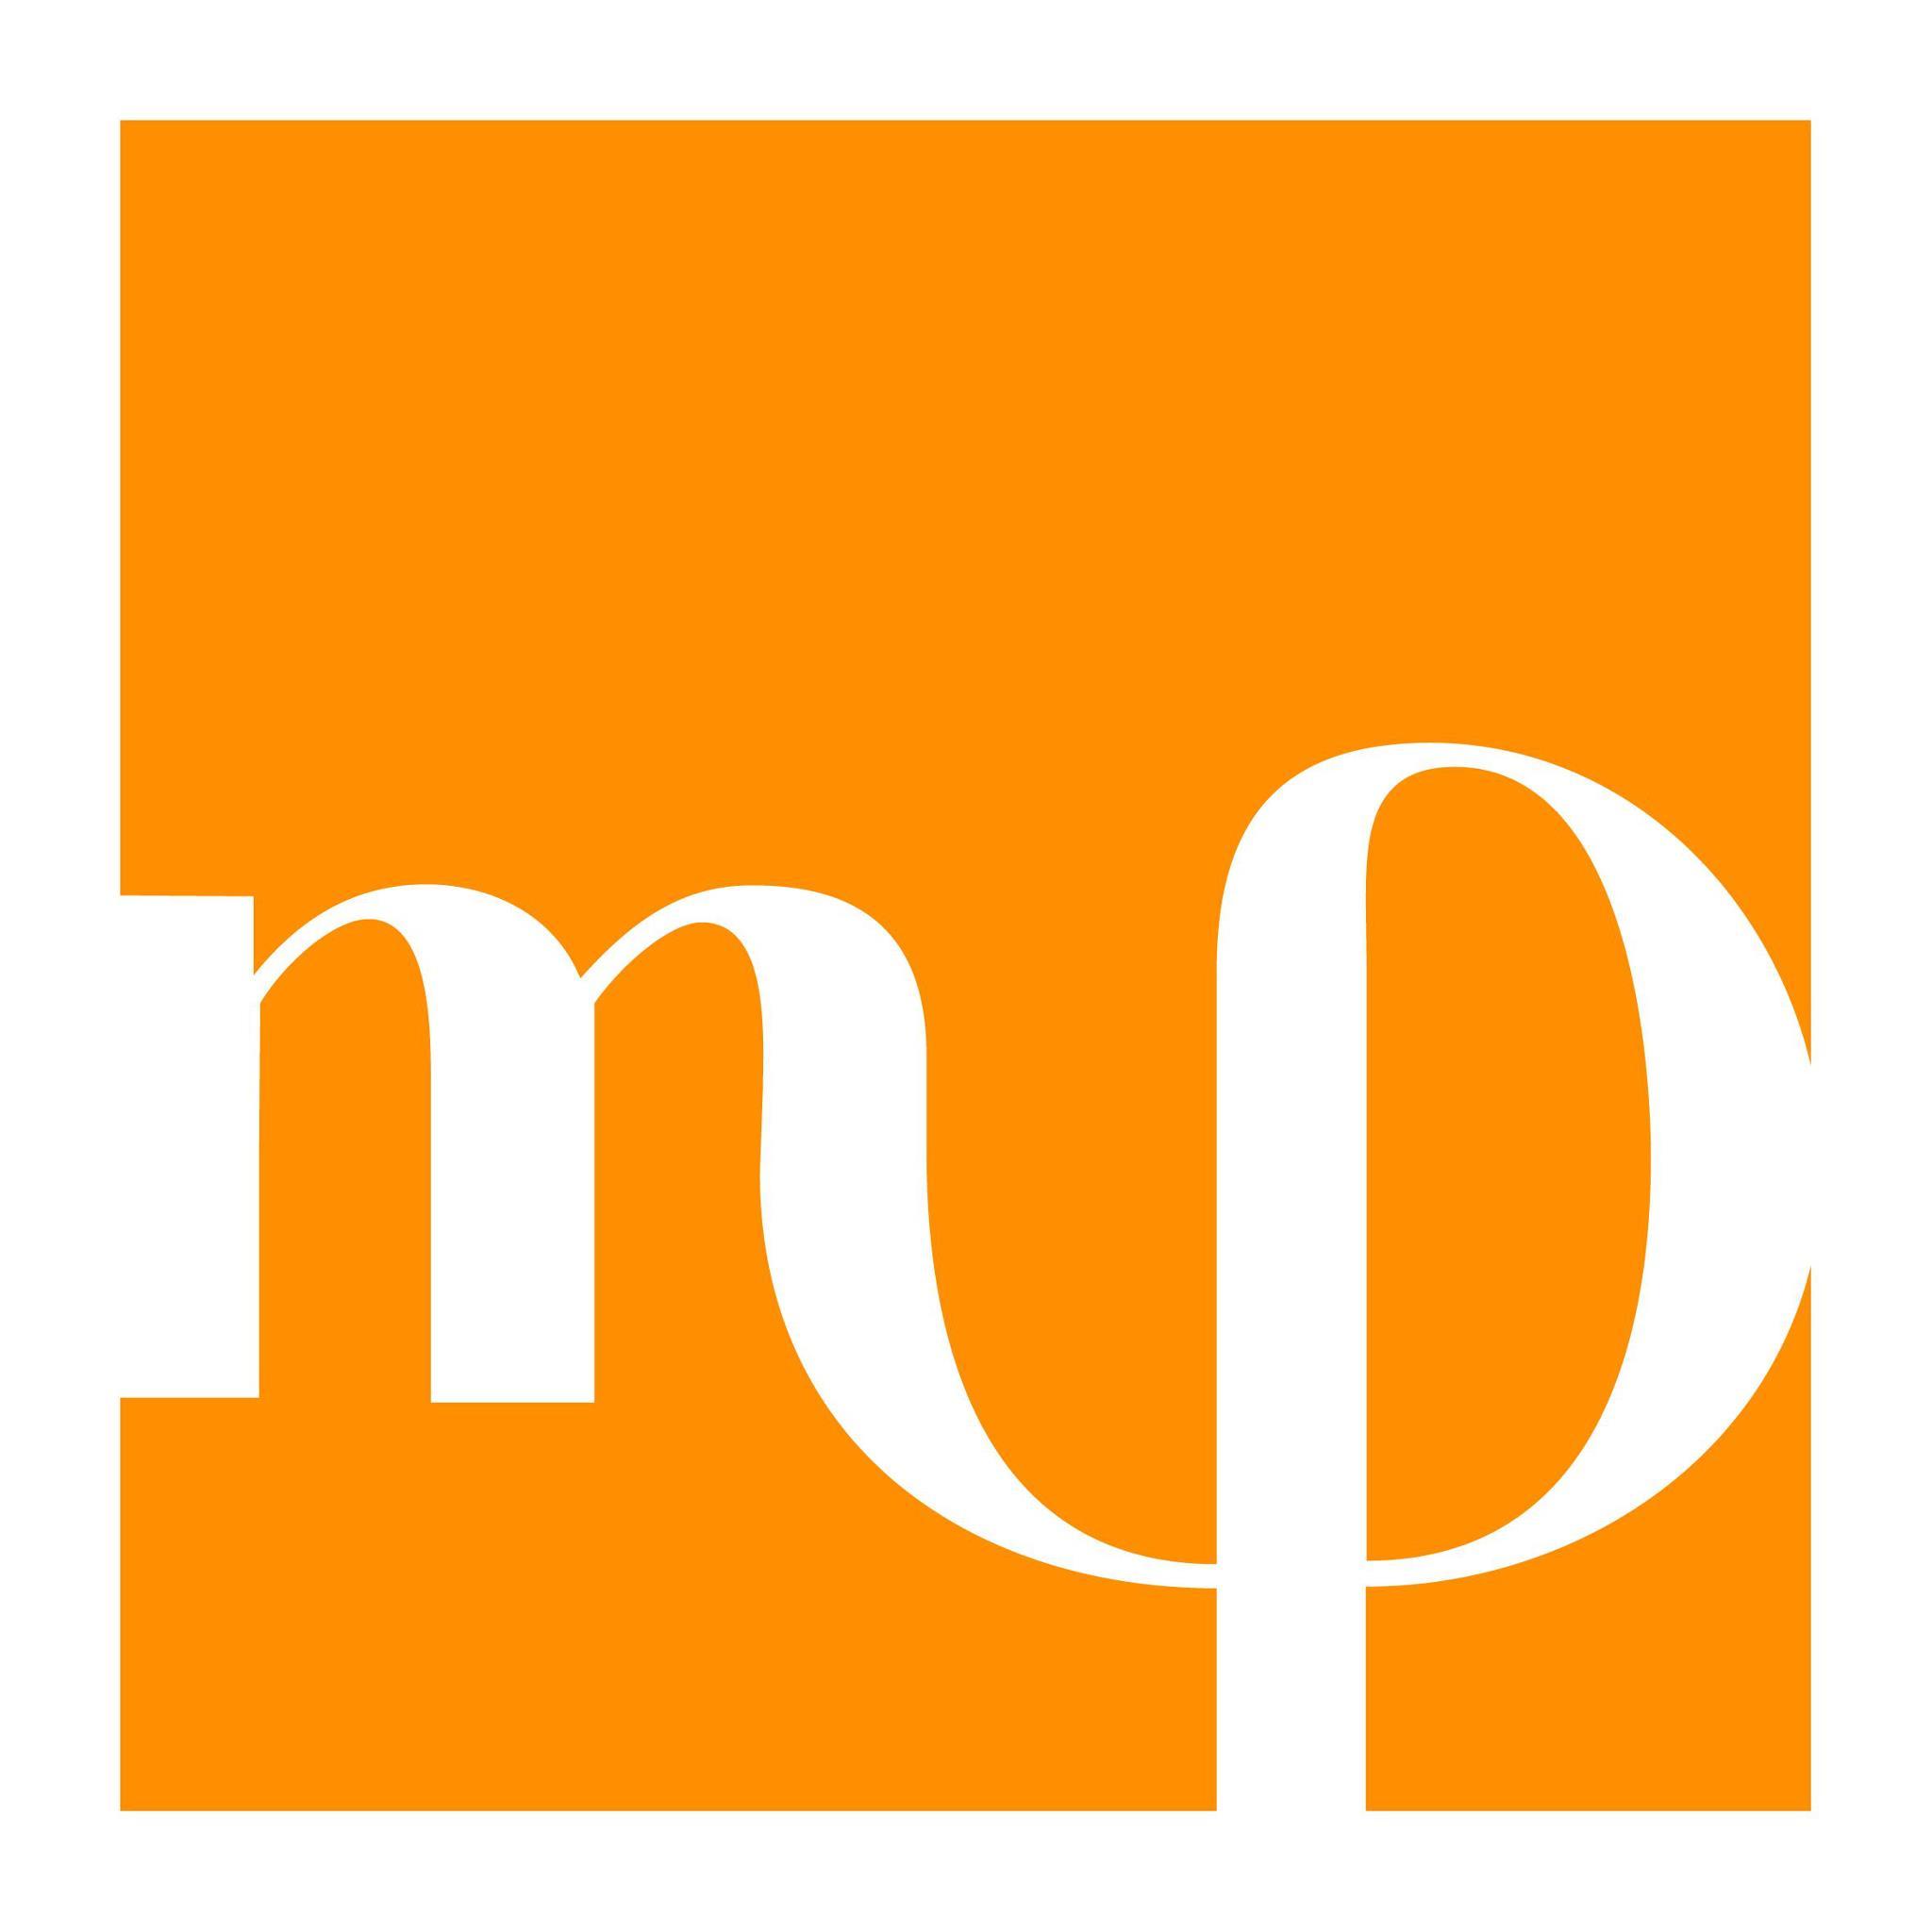 Σεμινάριο «Νέα μέσα και εργαλεία Web 2.0 για εκπαιδευτικούς»